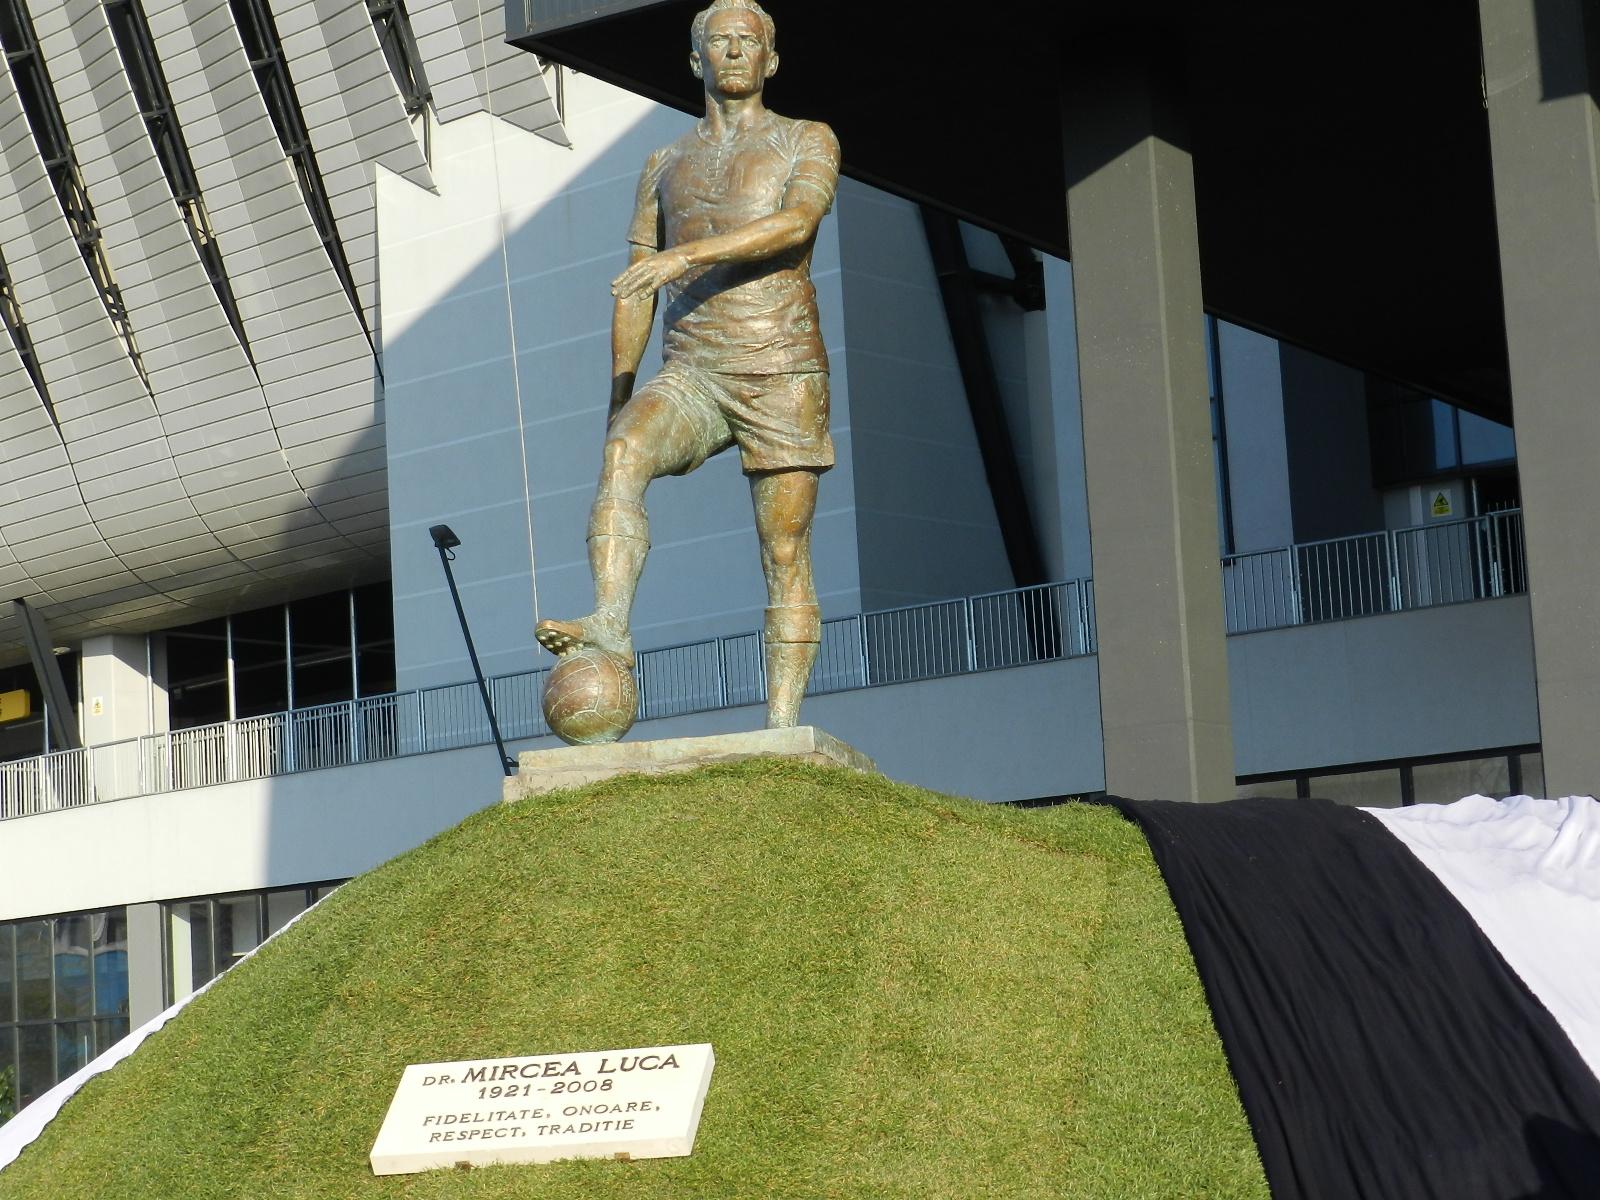 statuie Mircea Luca